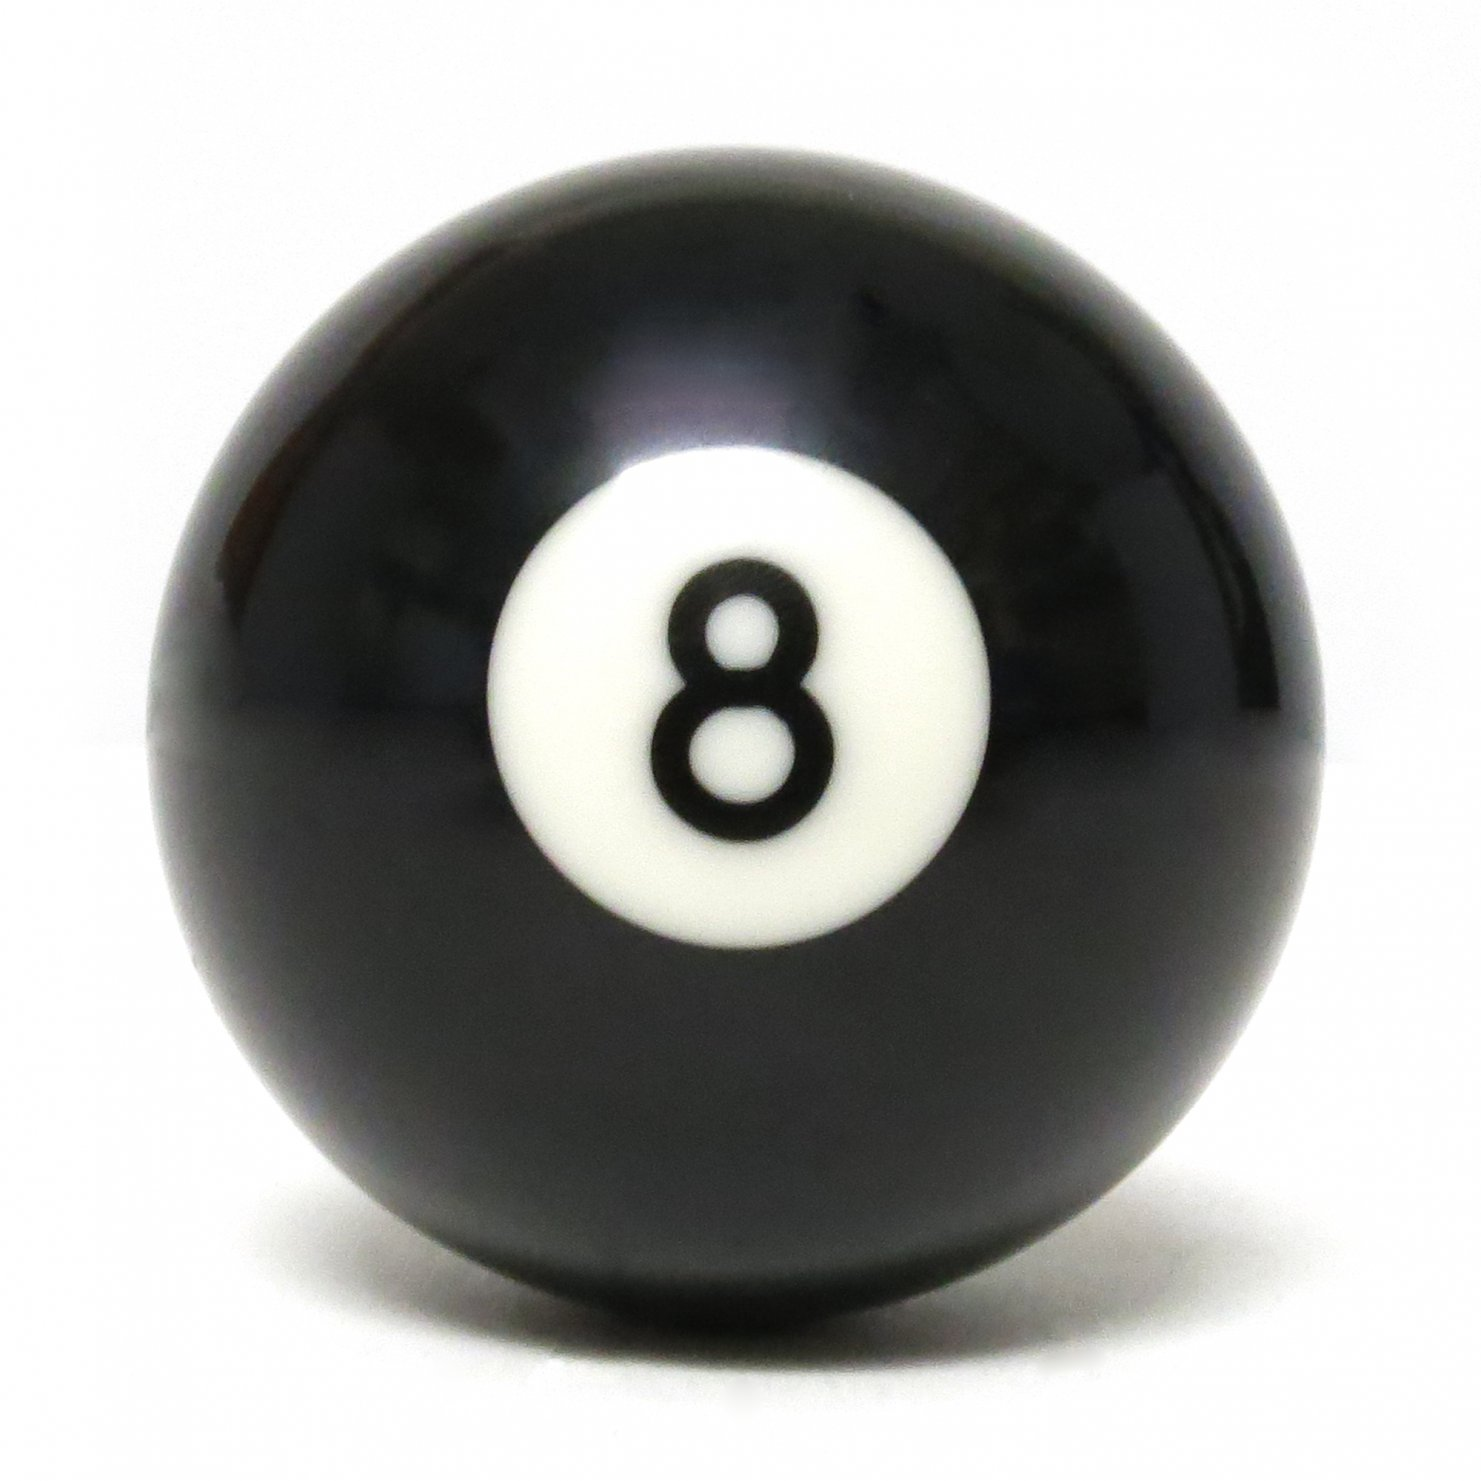 billard 8 ball